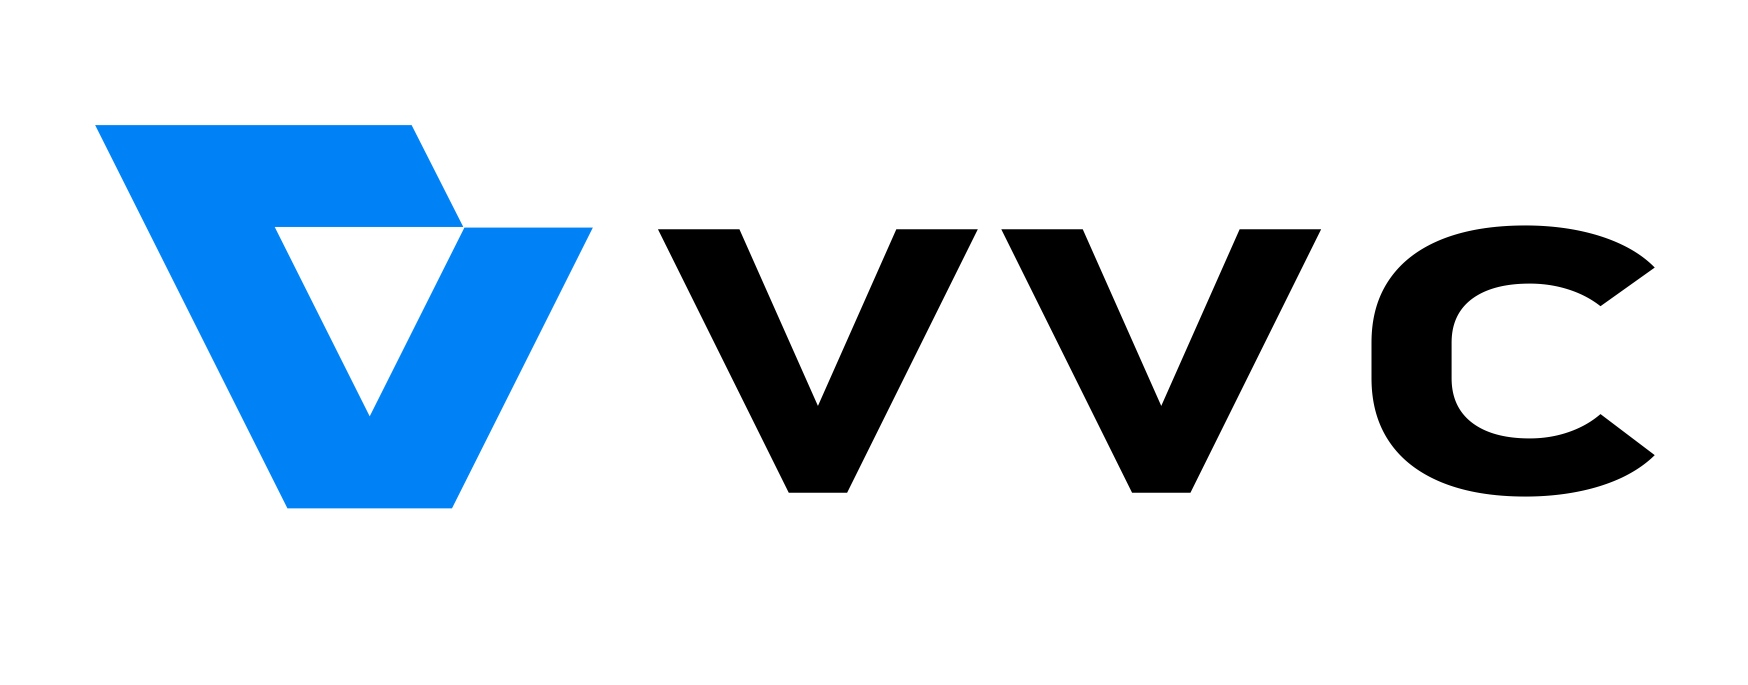 H.266/VVC1-logo